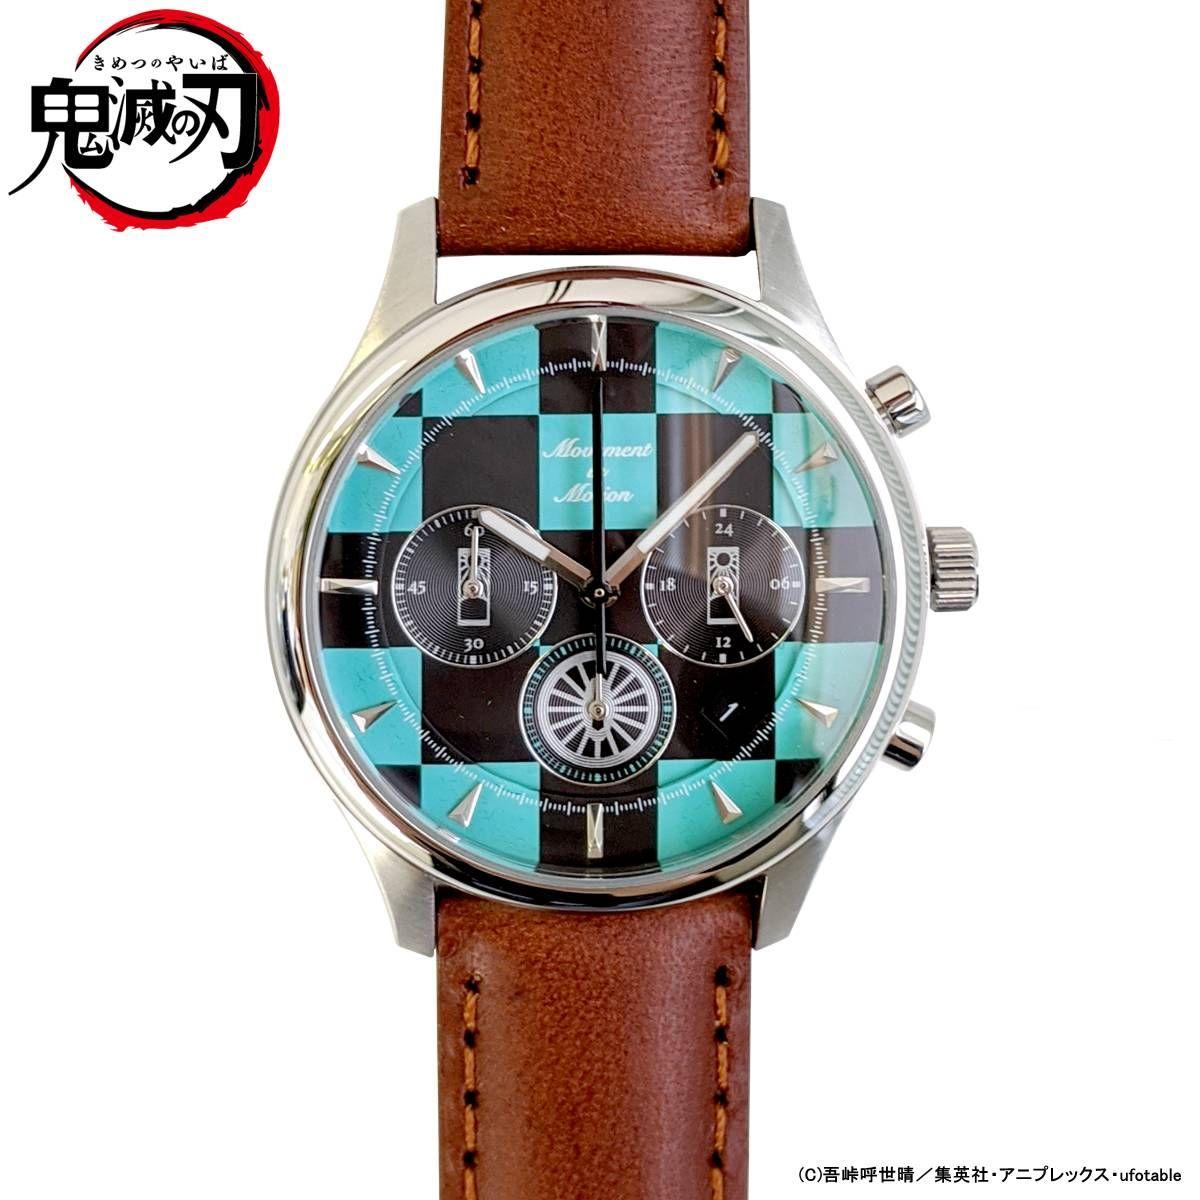 【限定販売】鬼滅の刃『TiCTACコラボレーションデザインウォッチ』腕時計-002